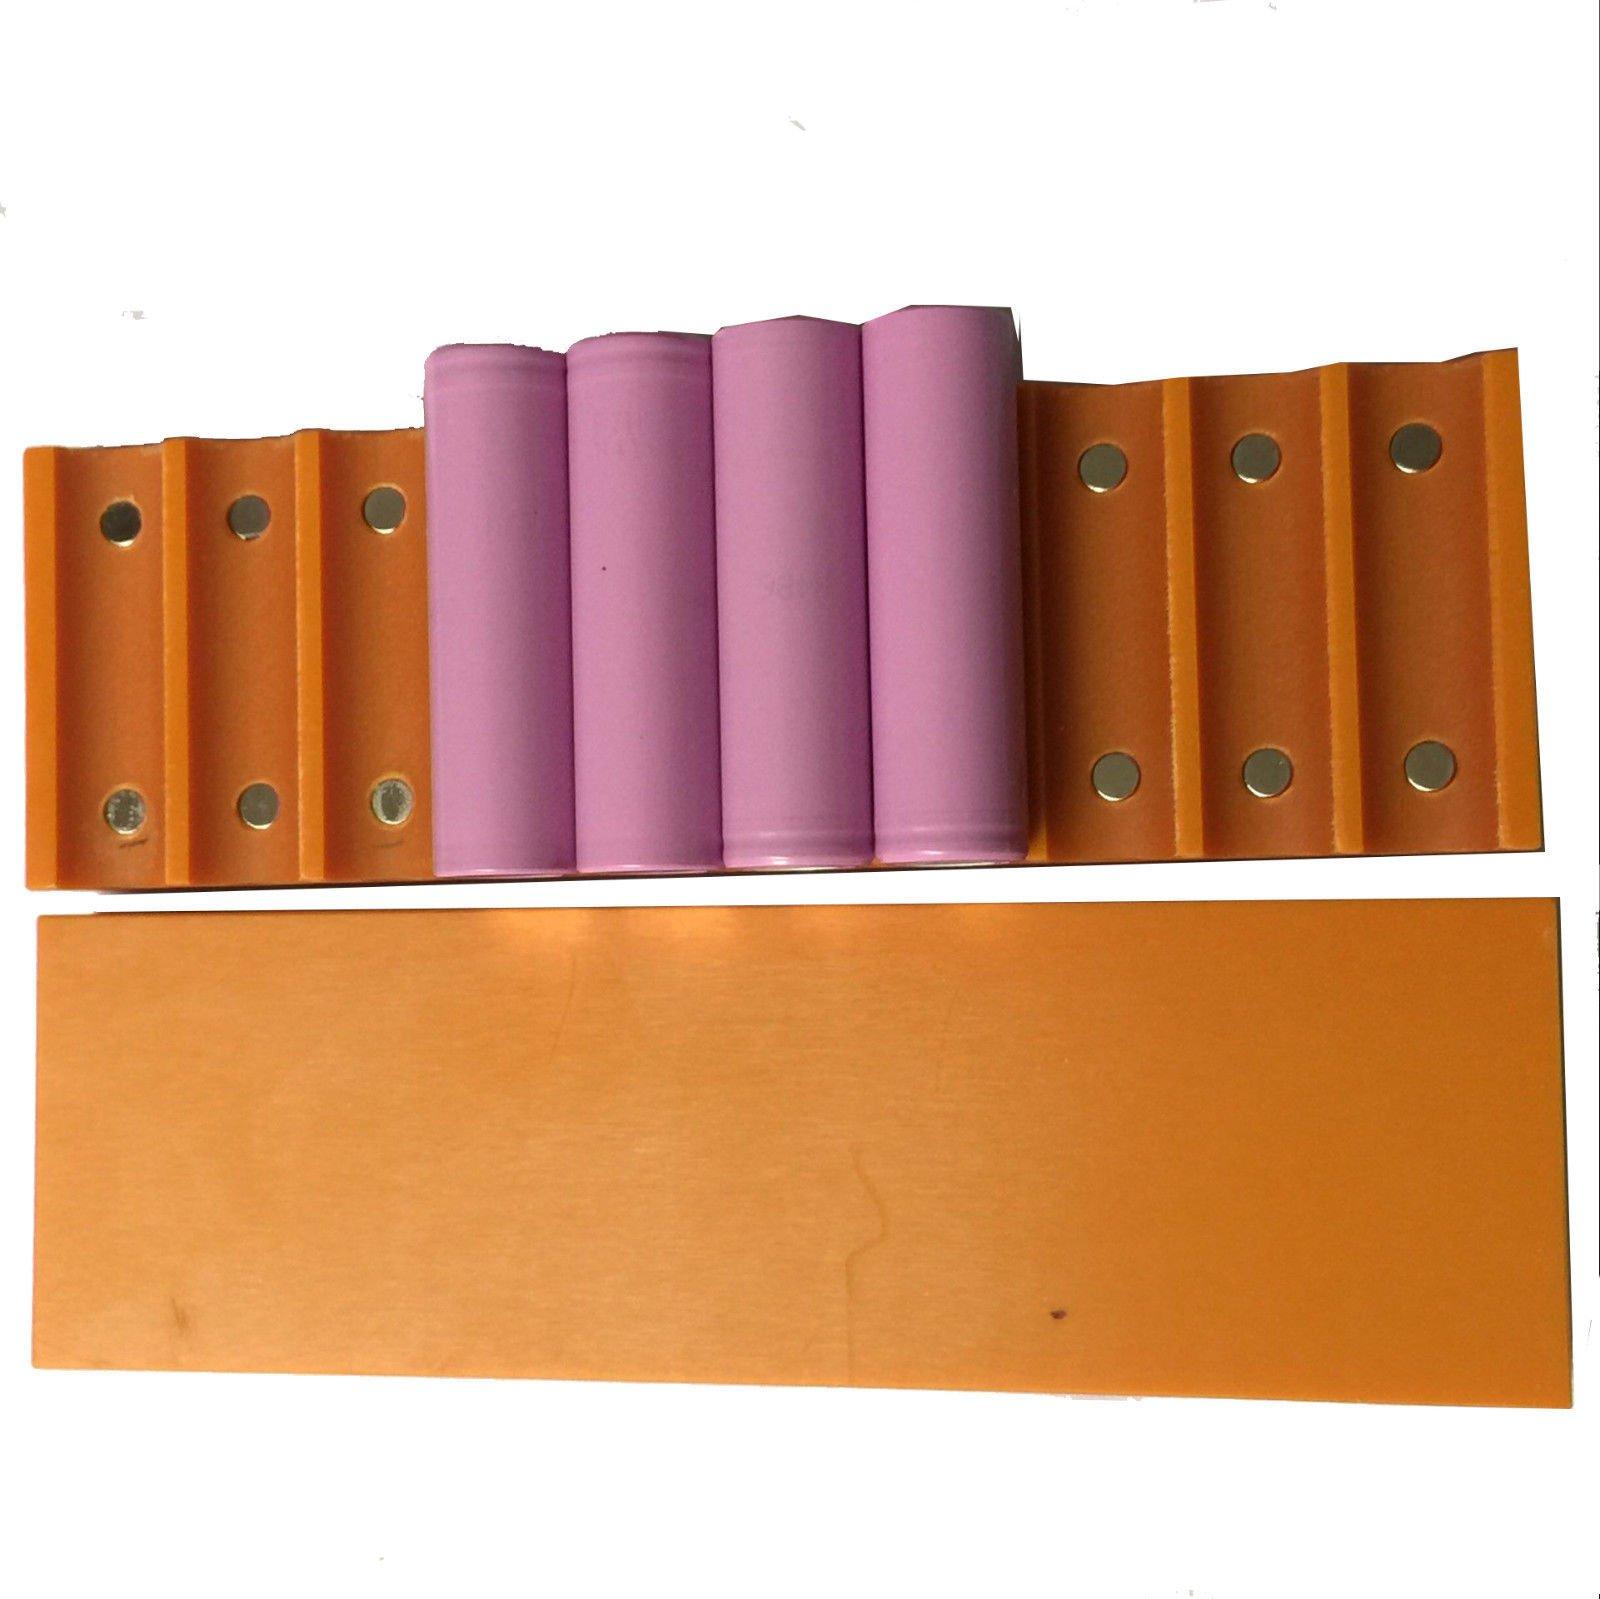 4 cells 18650 Spot Welding Batteries Fixture-1Pcs.